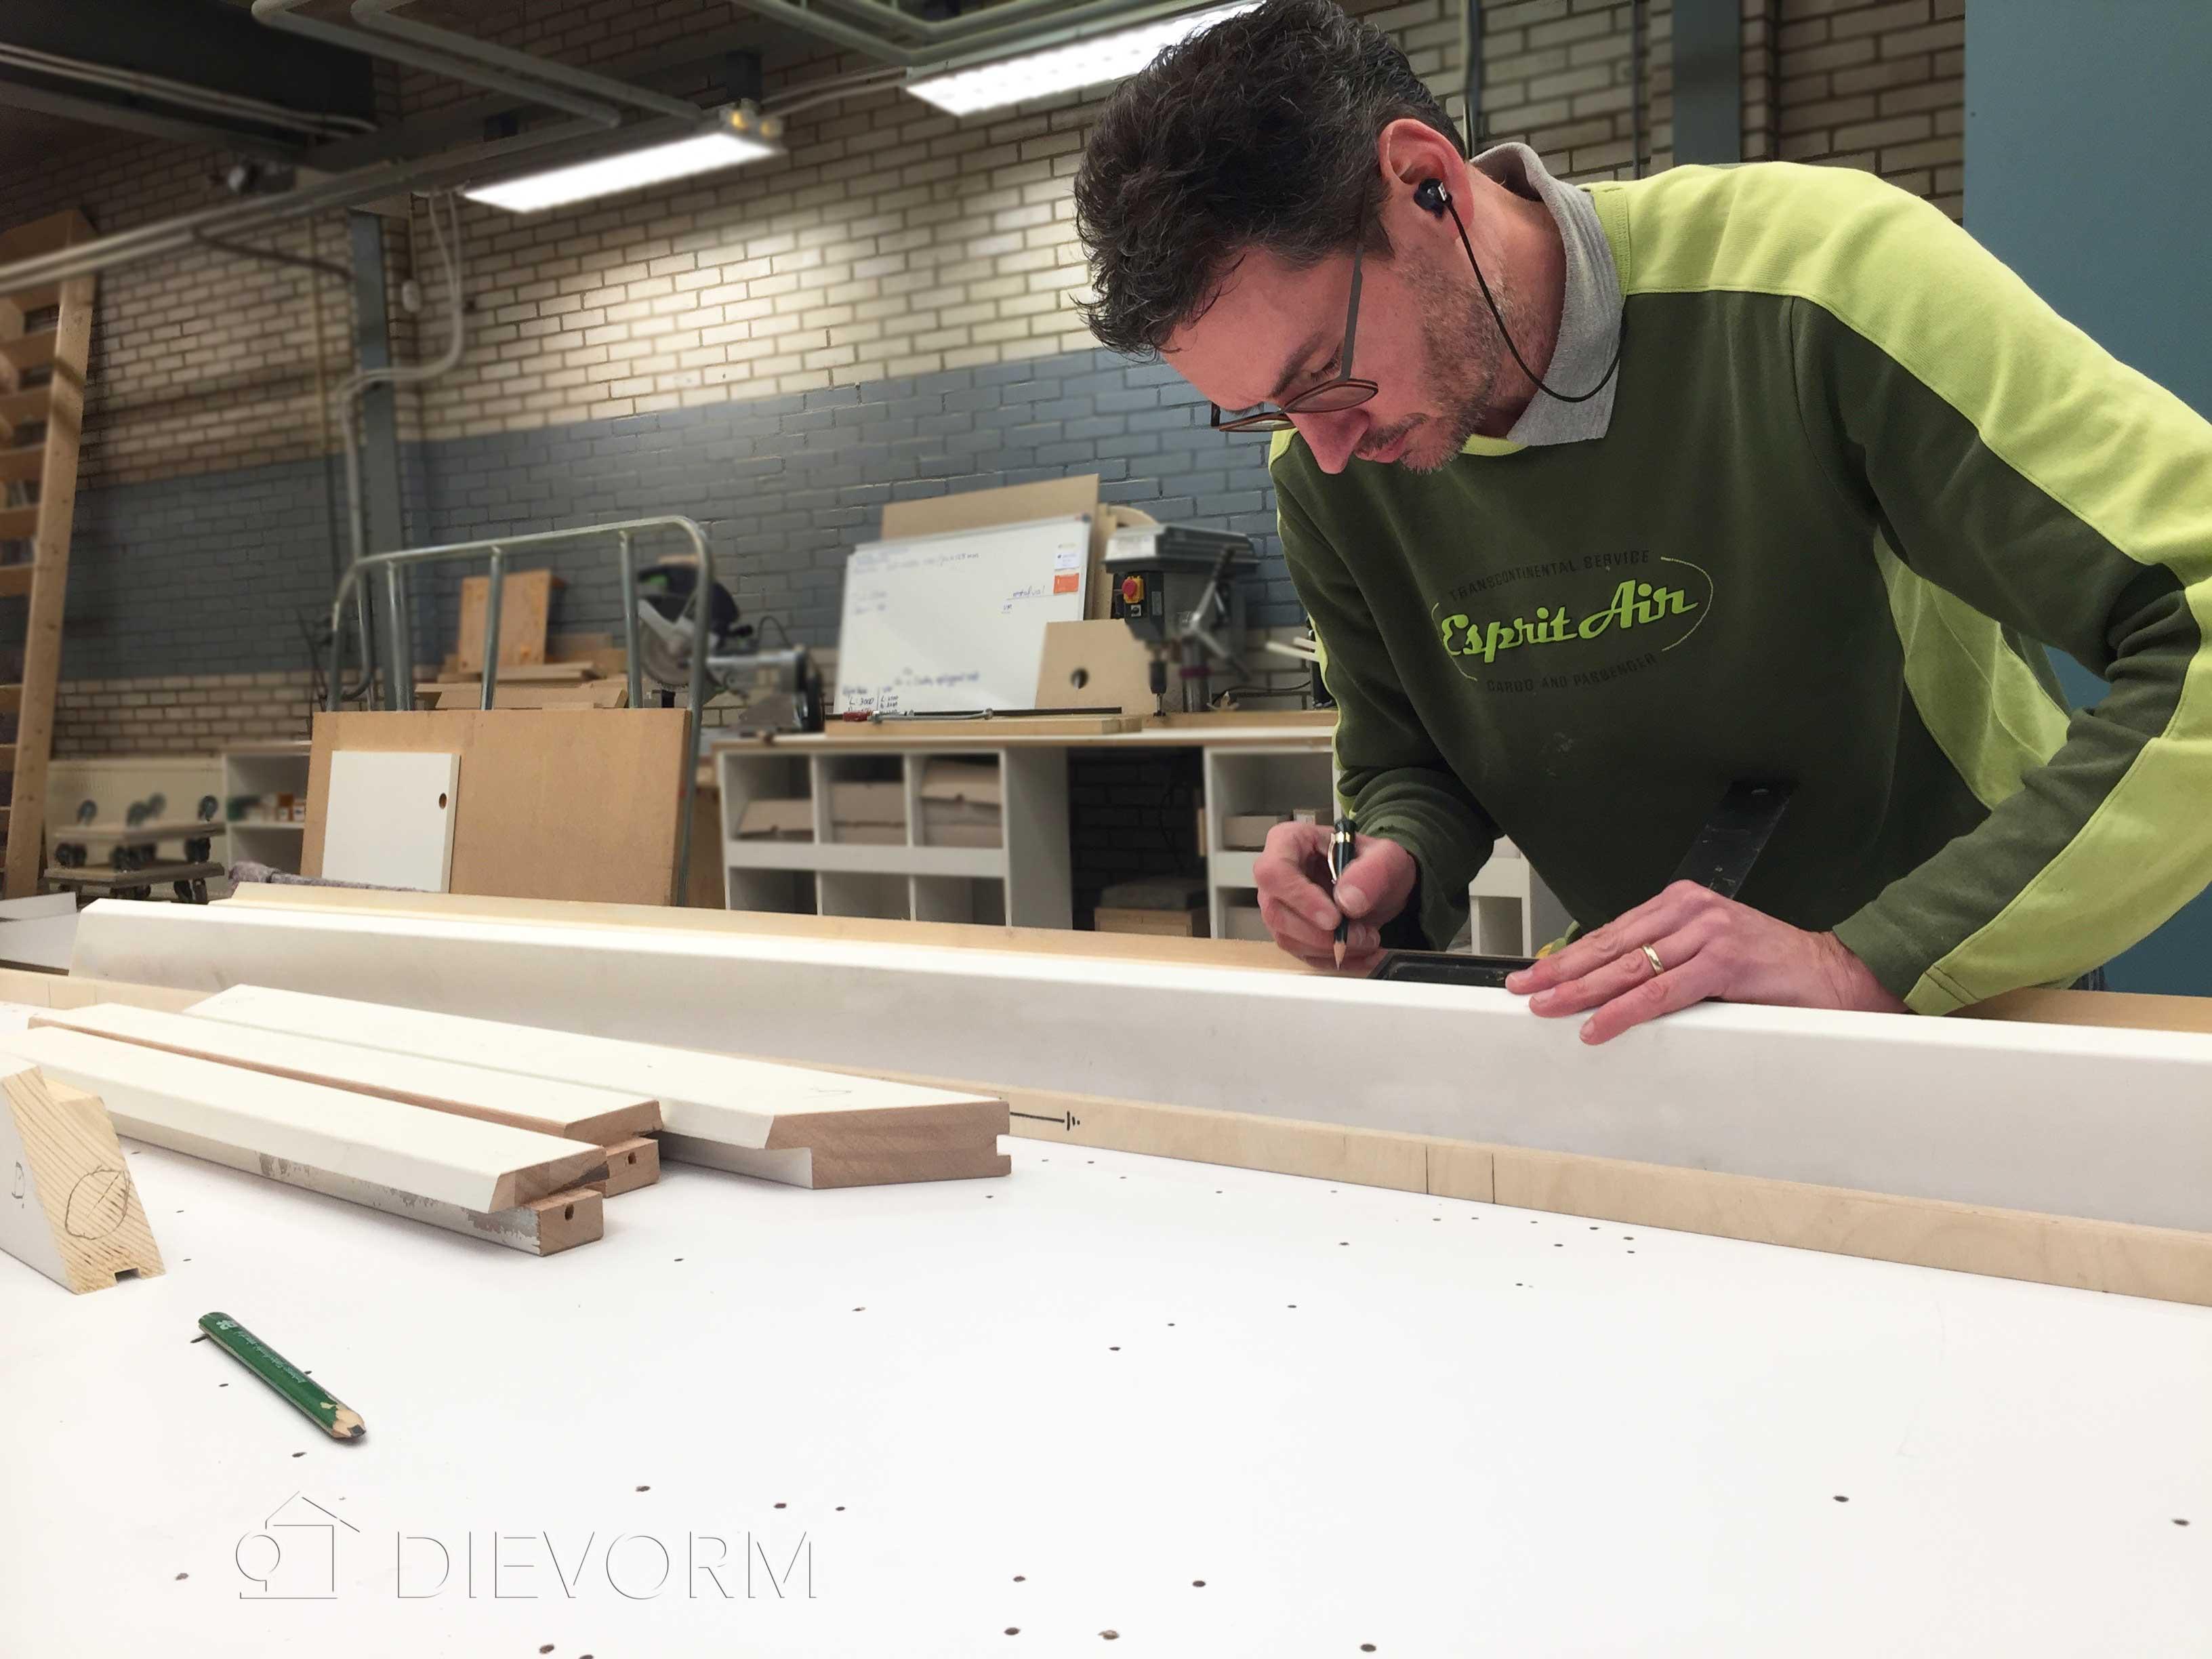 Dievorm meubelmakerij